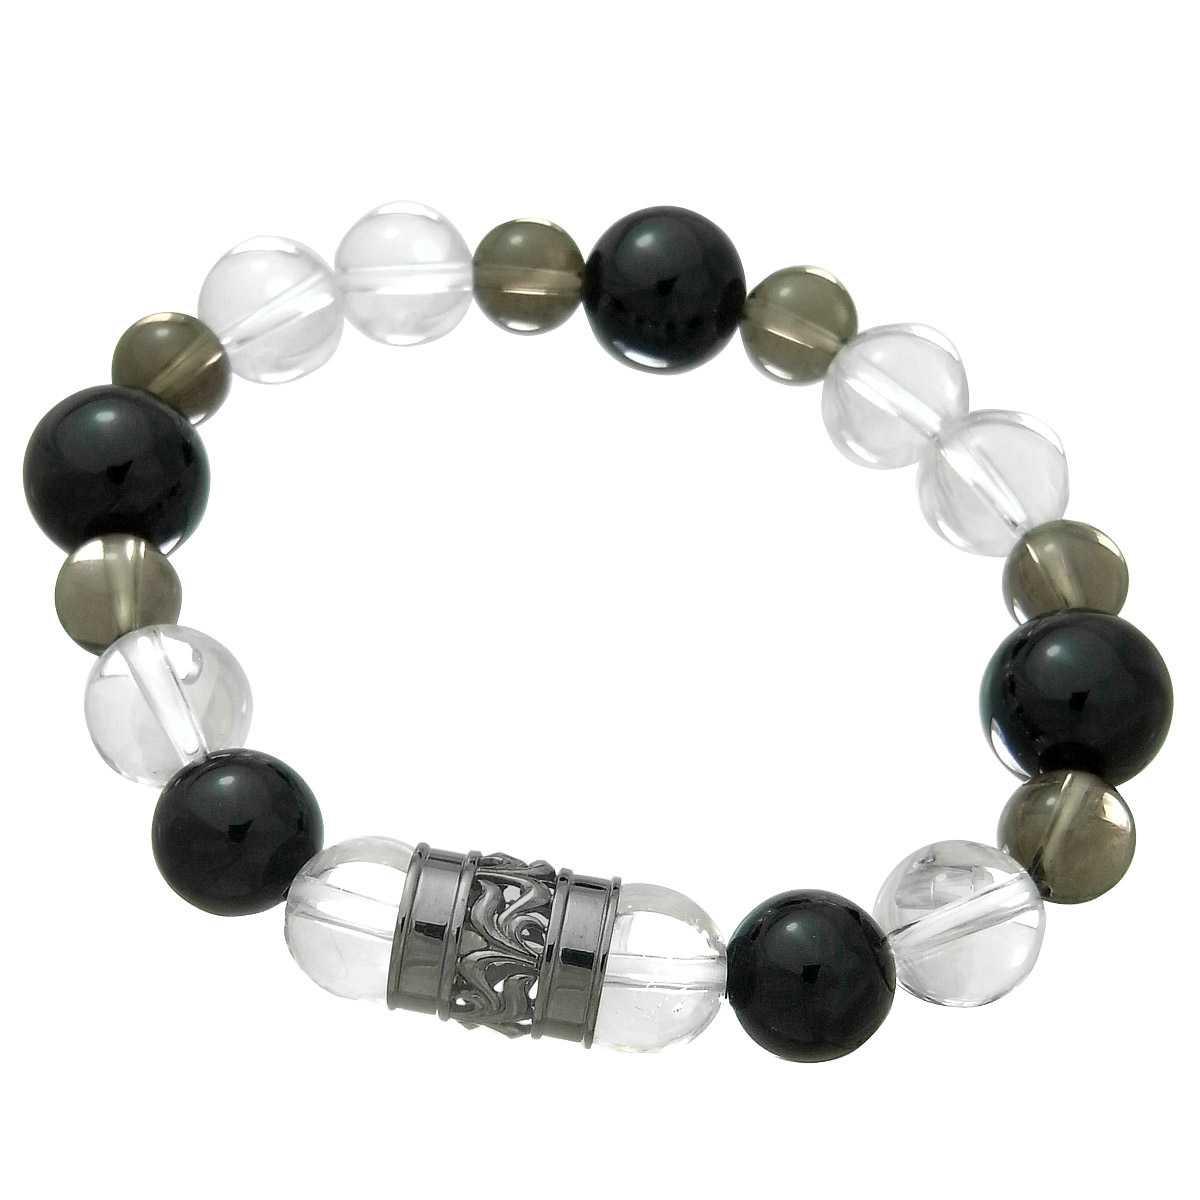 Royal Stag Zest ロイヤルスタッグゼスト パワーストーン 天然石ブレスレット 数珠 クリスタルベース SBR25-008